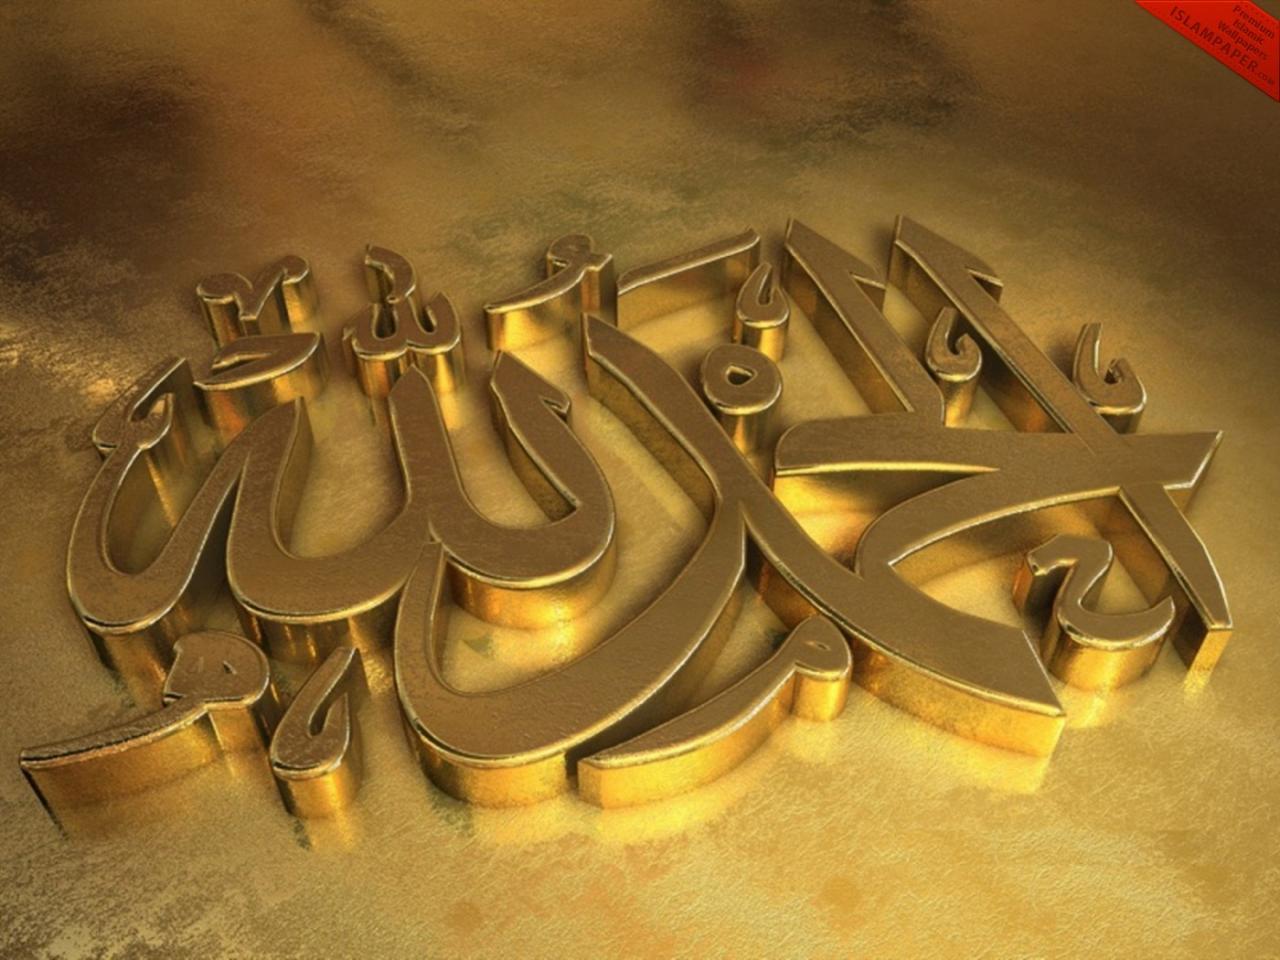 صور تحميل صور دينيه , اجمل الصور الدينية